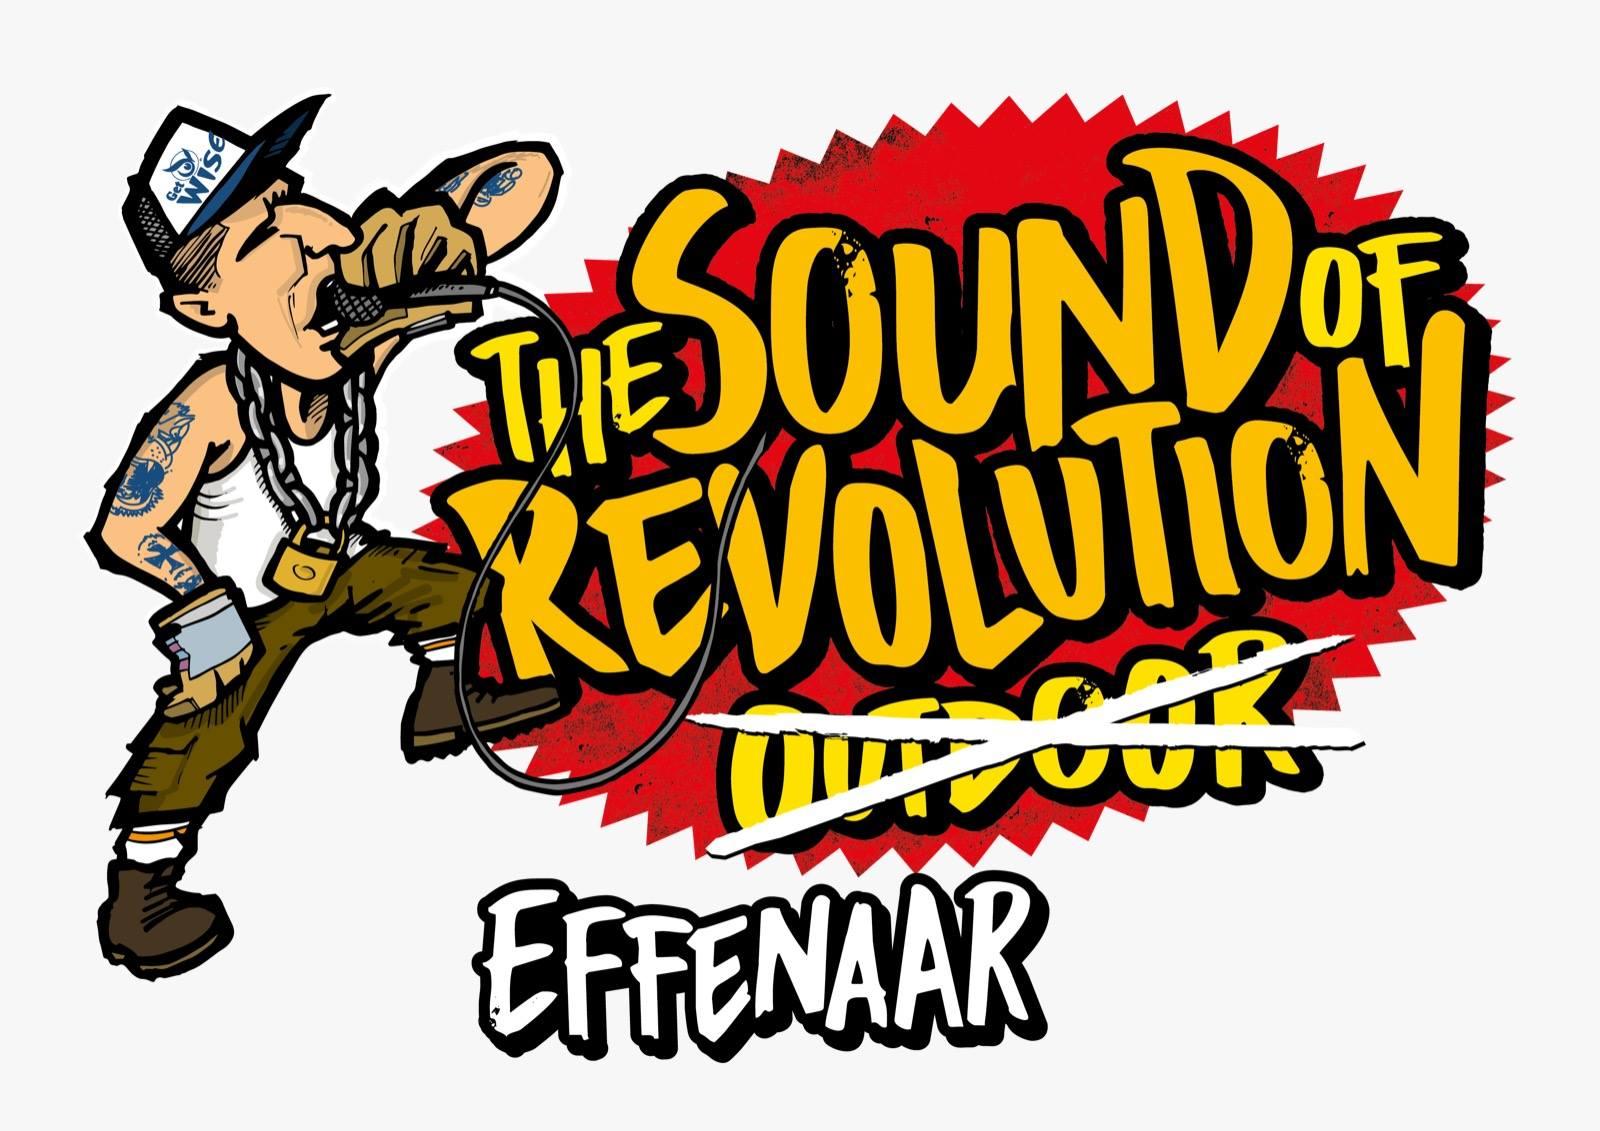 The Sound Of Revolution - Effenaar